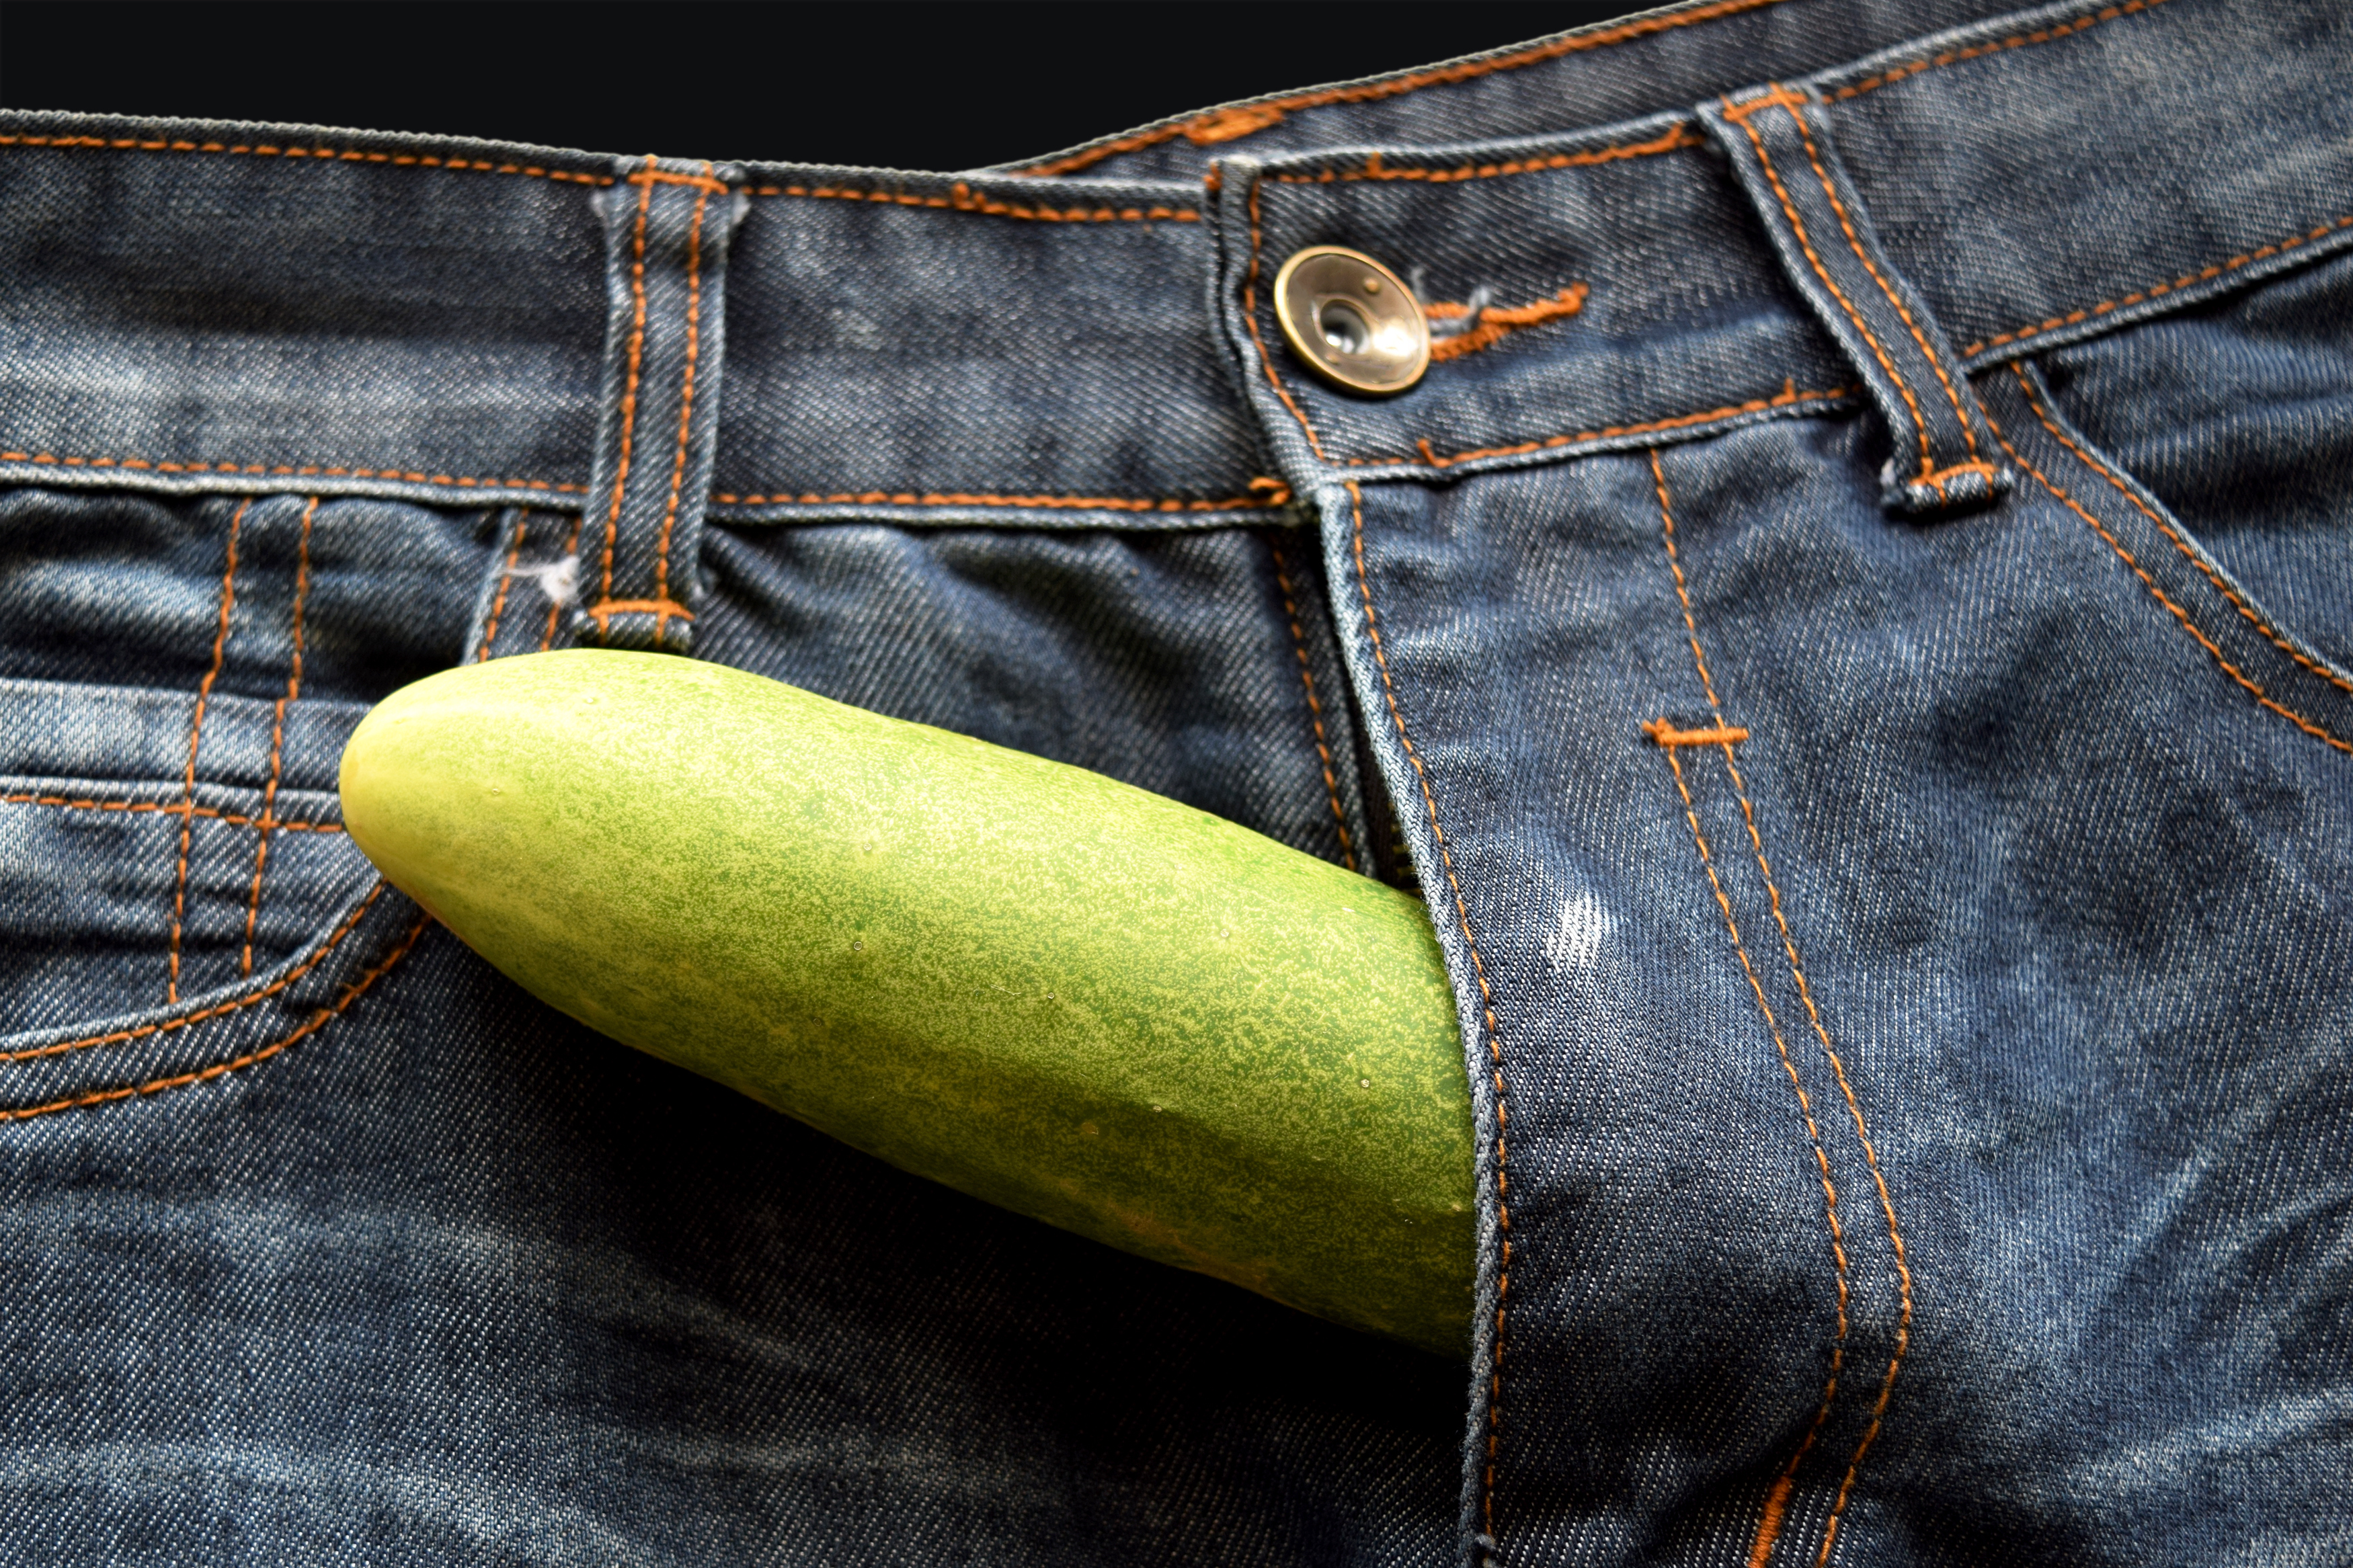 Краставица действа като естествена виагра и може да предложи алтернативно разрешение на проблема с еректилна дисфункция при мъжете, твърдят британски експерти.